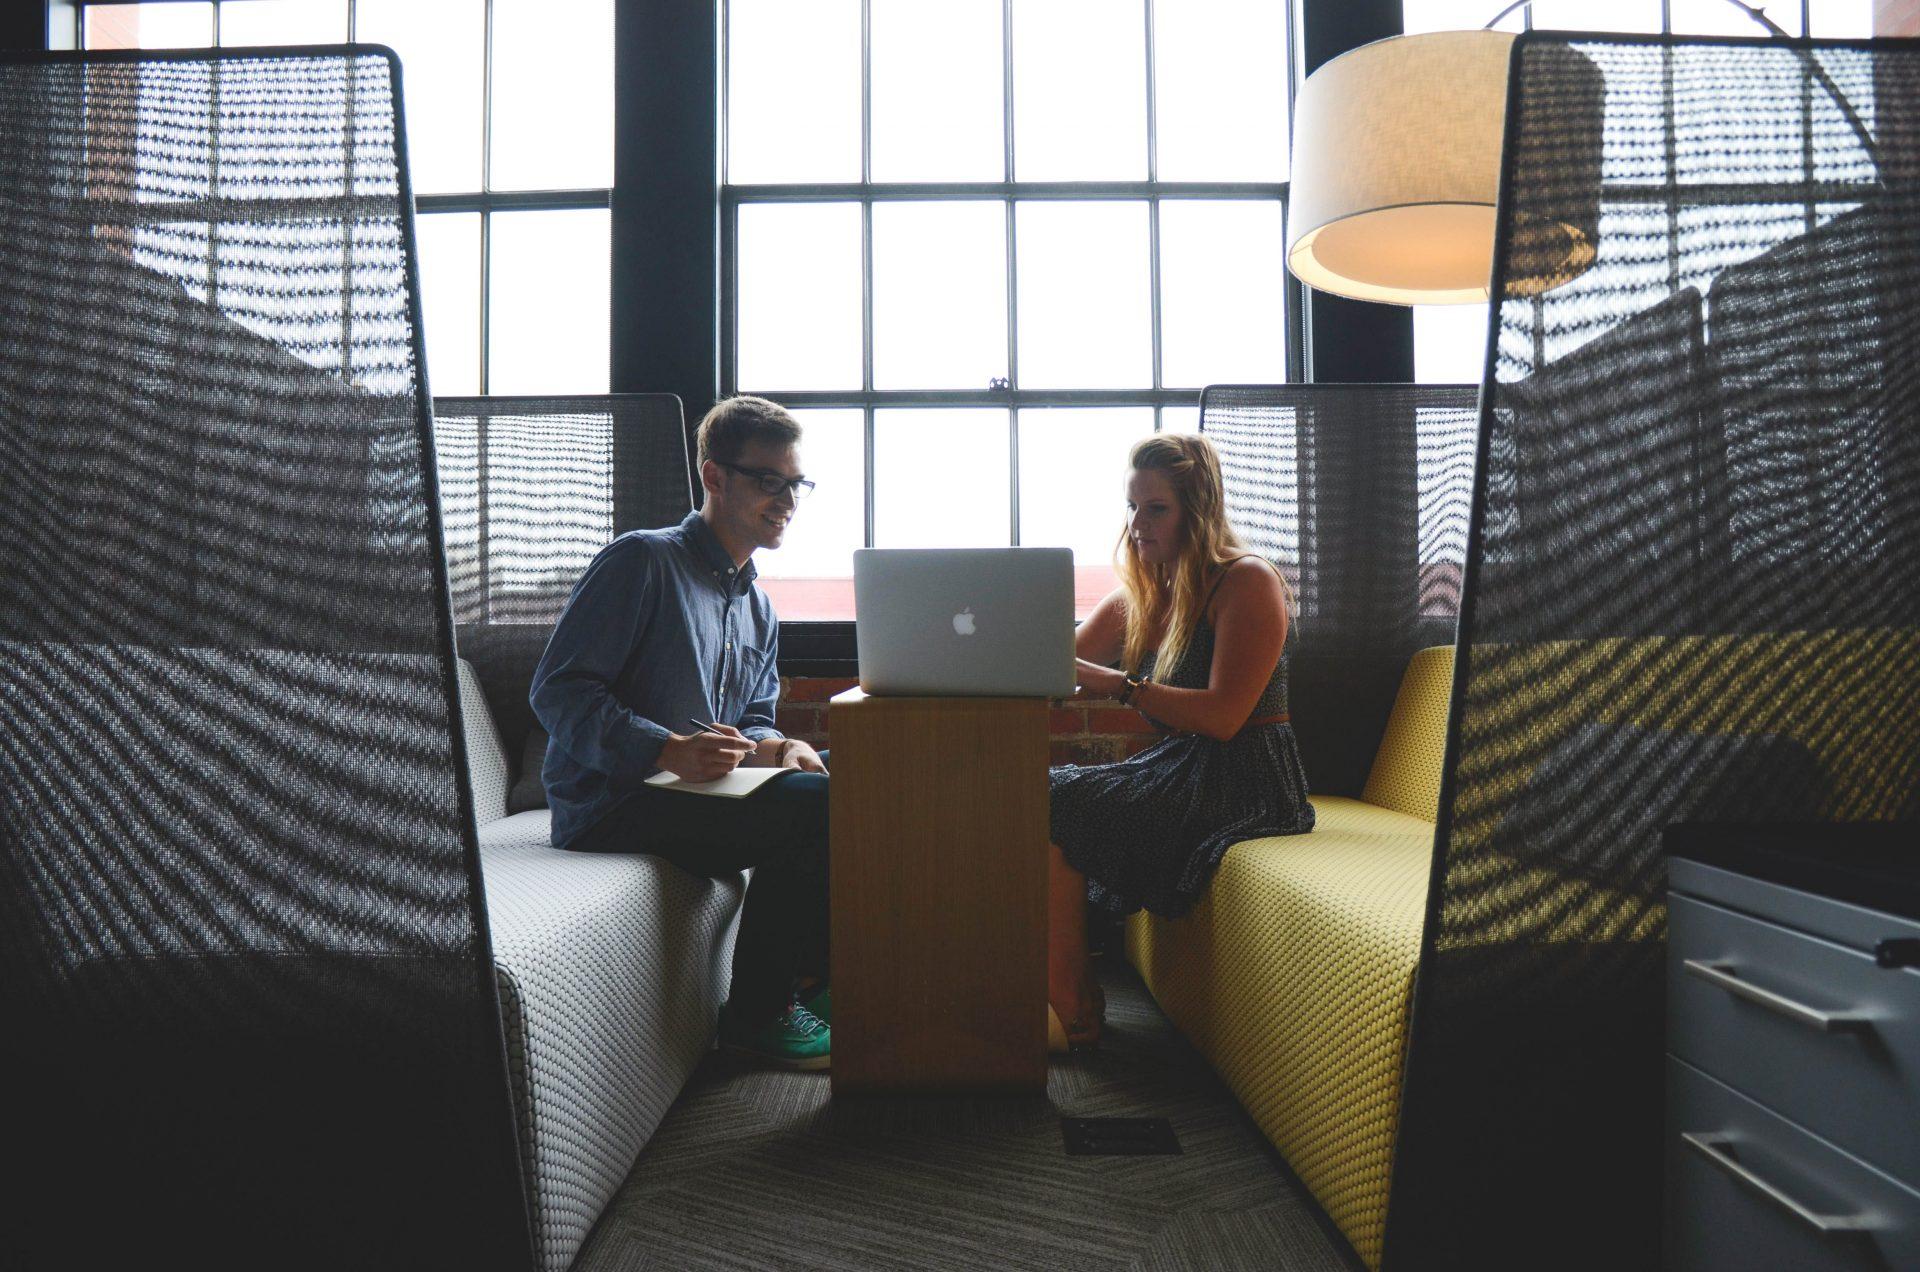 4 Signos que tu empresa te ve como un empleado de alto potencial